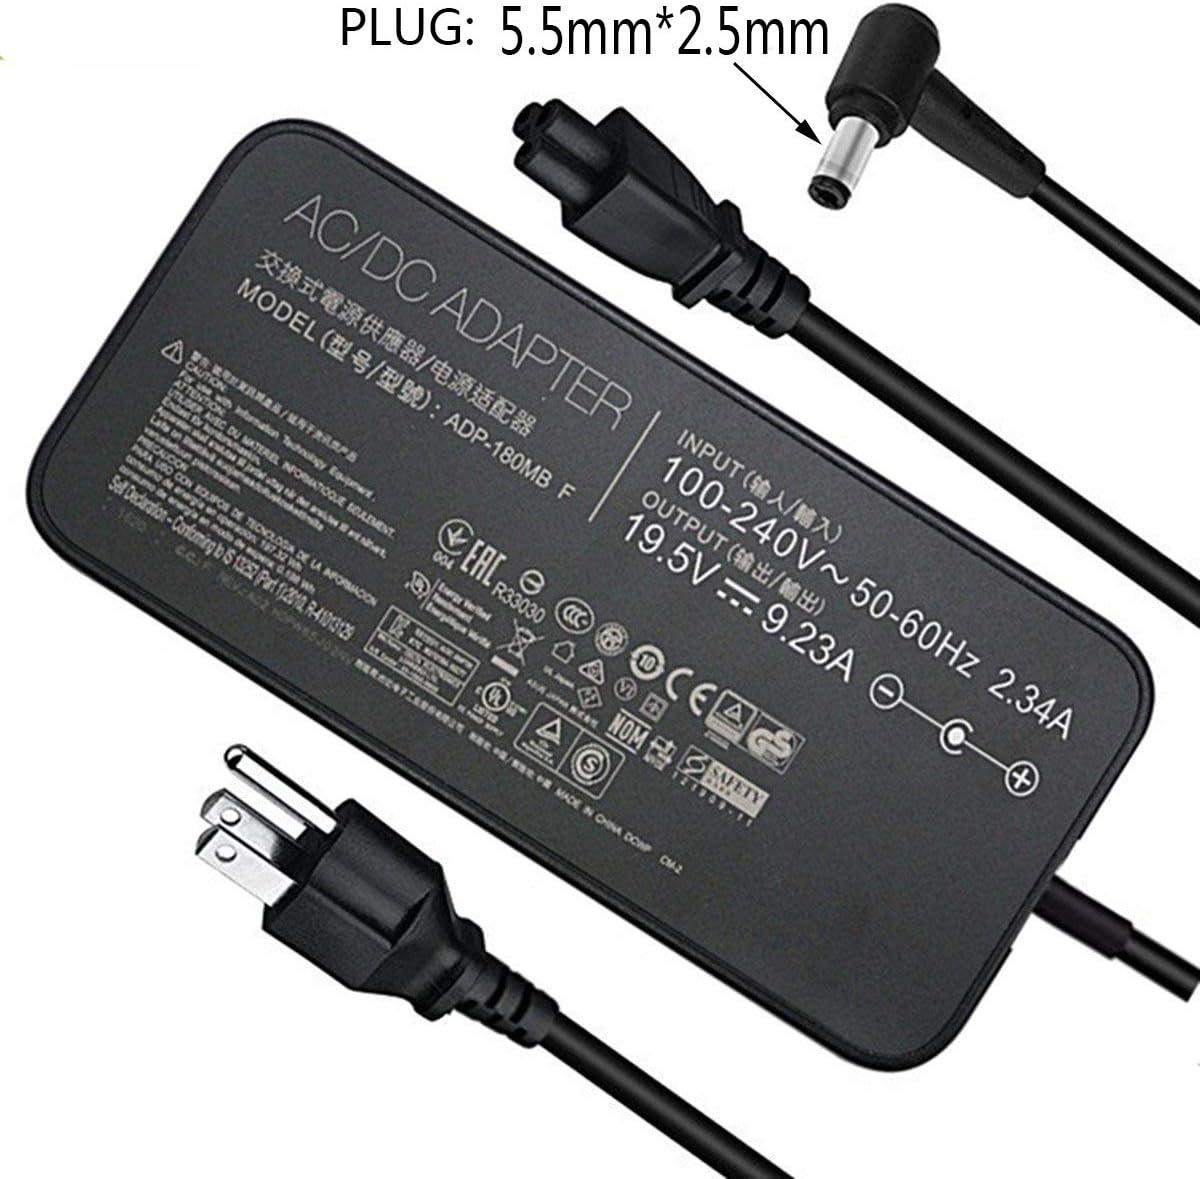 180W 19.5V 9.23A Laptop Charger(Plug:5.5mm2.5mm) ADP-180MB F FA180PM111 AC Power Adapter for New Asus ROG G75 G75VW G75VX GL502VT G750JW G750JM G750JX G751JL G751JM G752VL G-Series Gaming Laptops